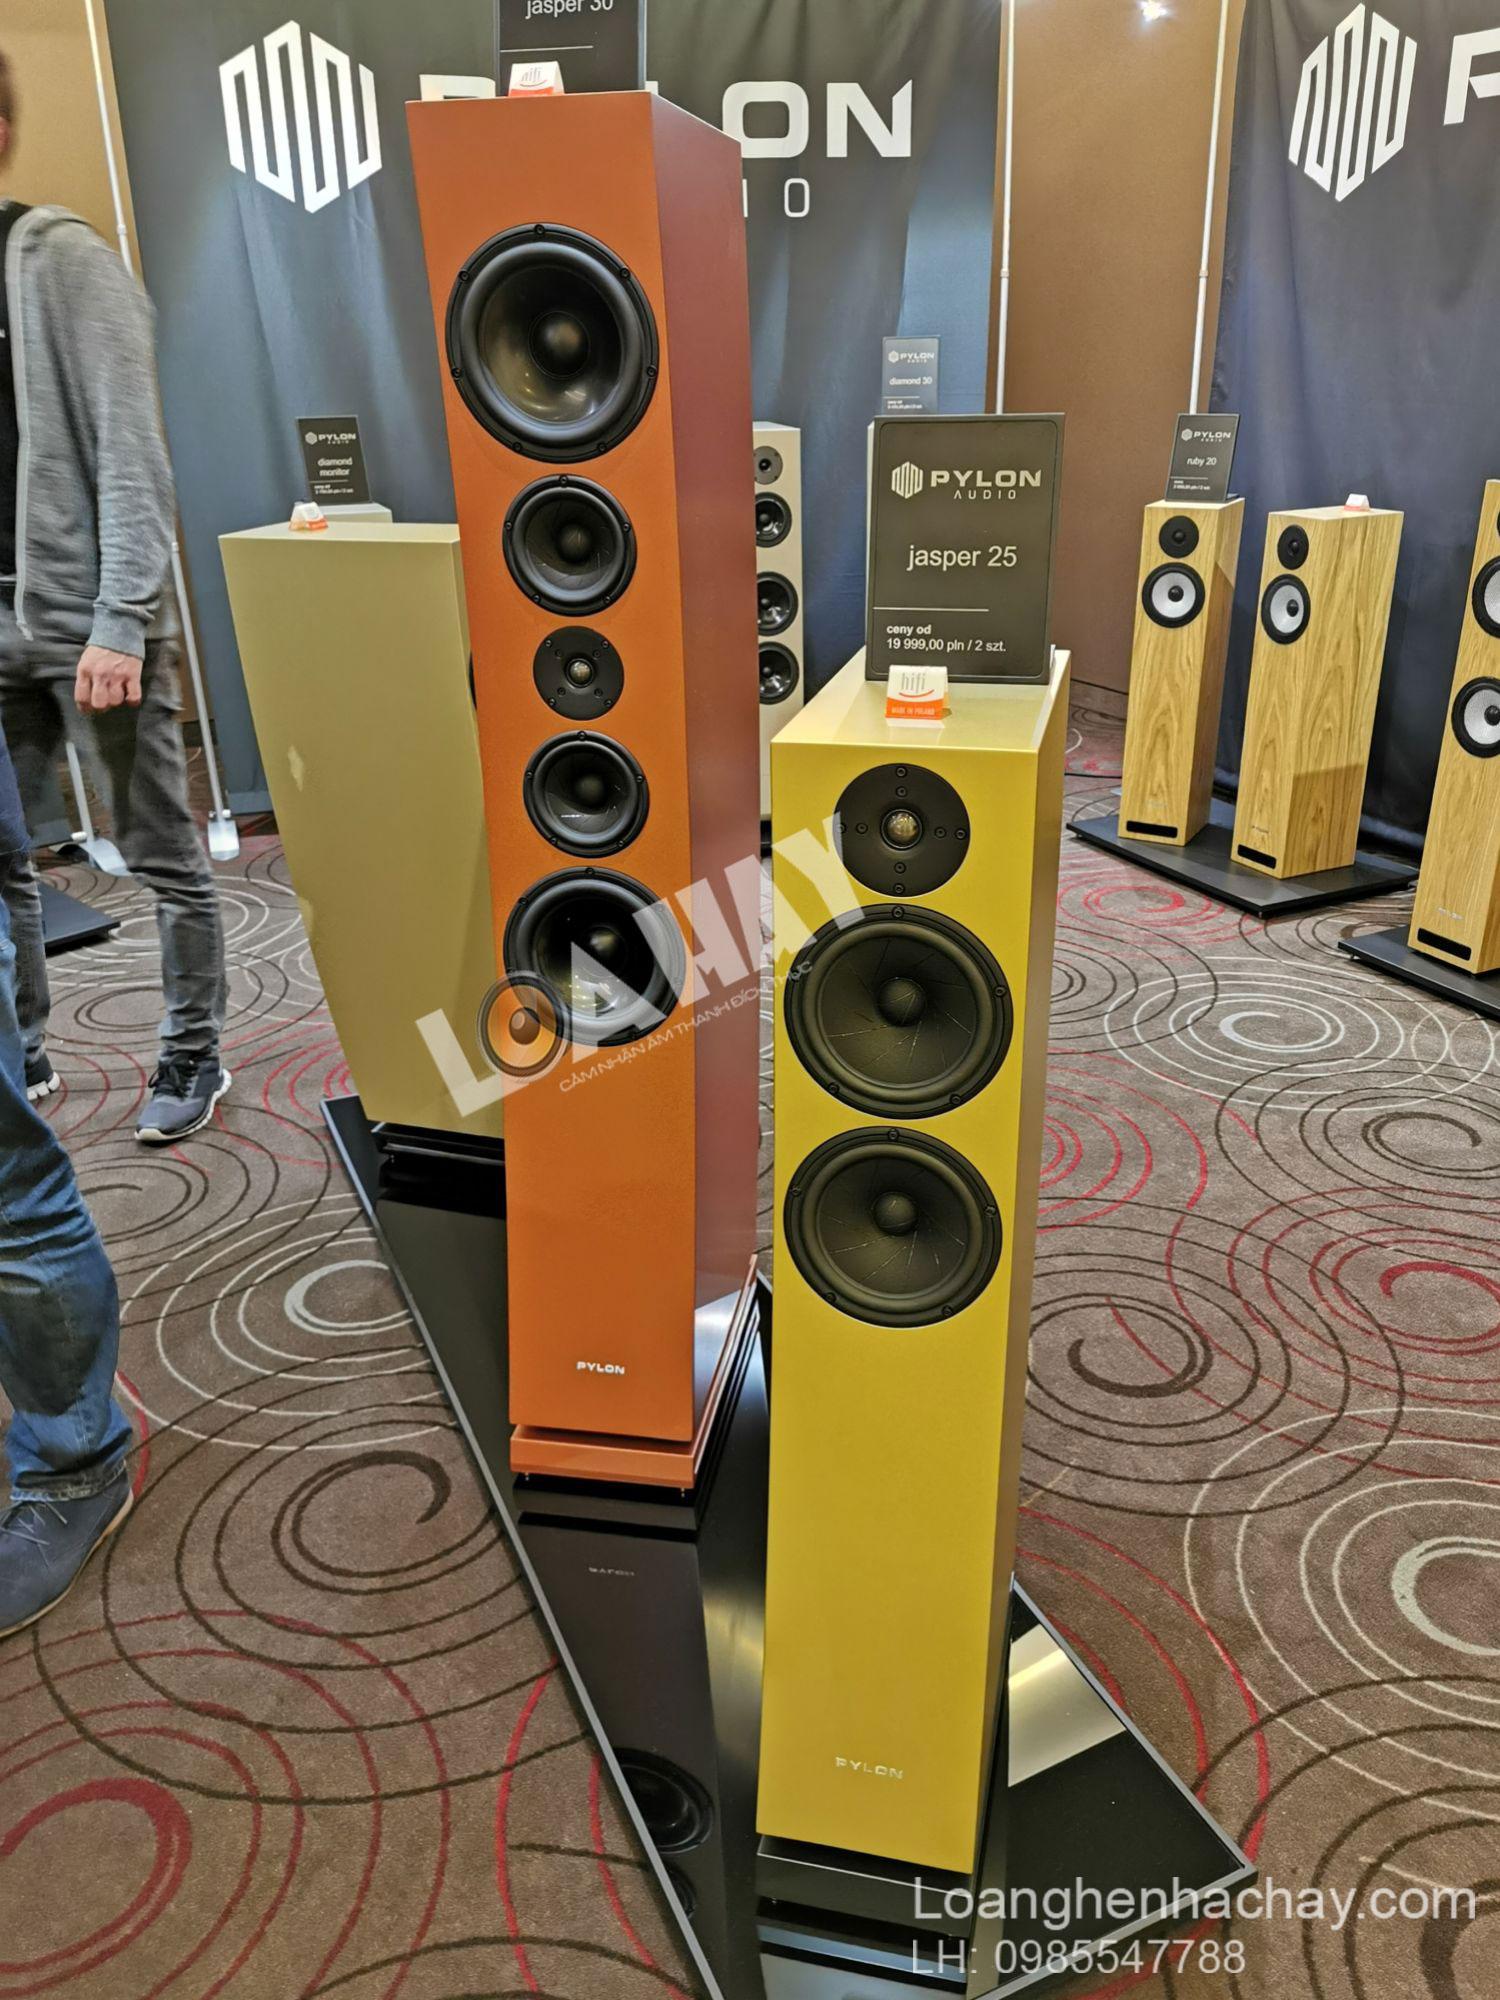 loa pylon audio jasper 30 chat